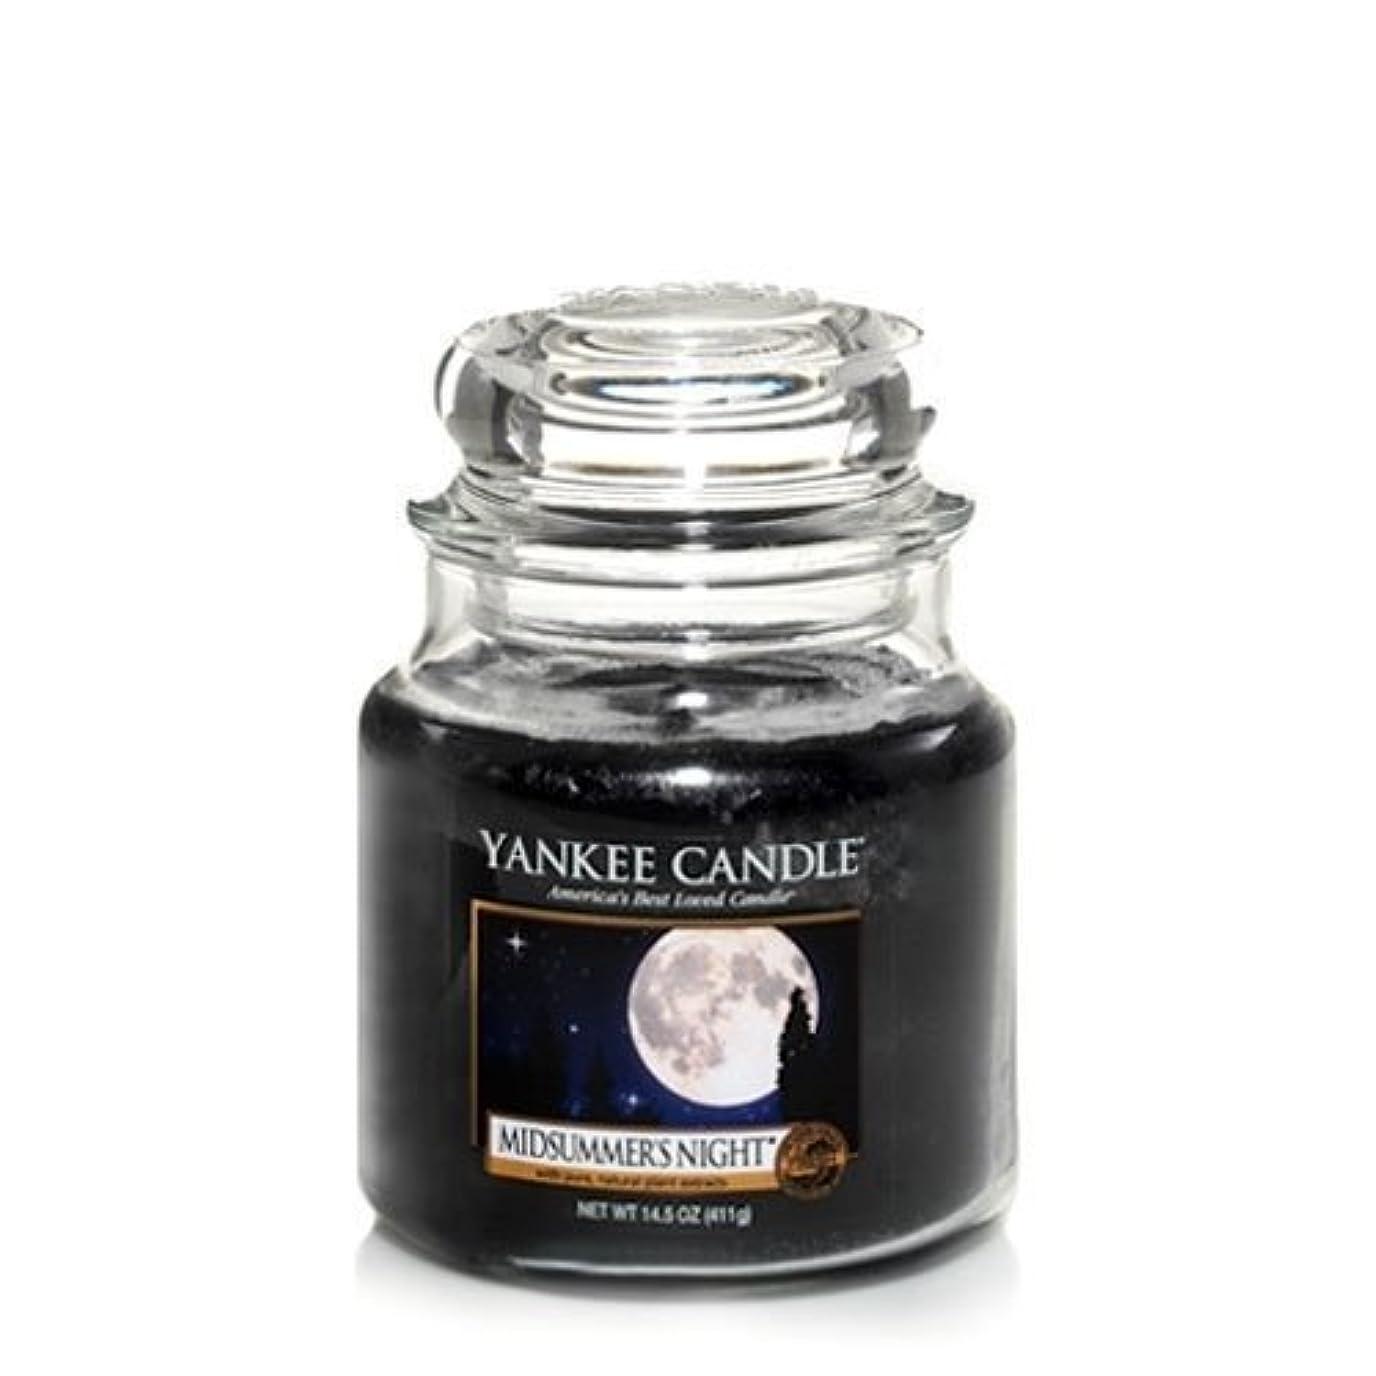 カウントステンレスコンピューターYankee Candle Midsummer's Night Medium Jar Candle, Fresh Scent by Yankee Candle [並行輸入品]